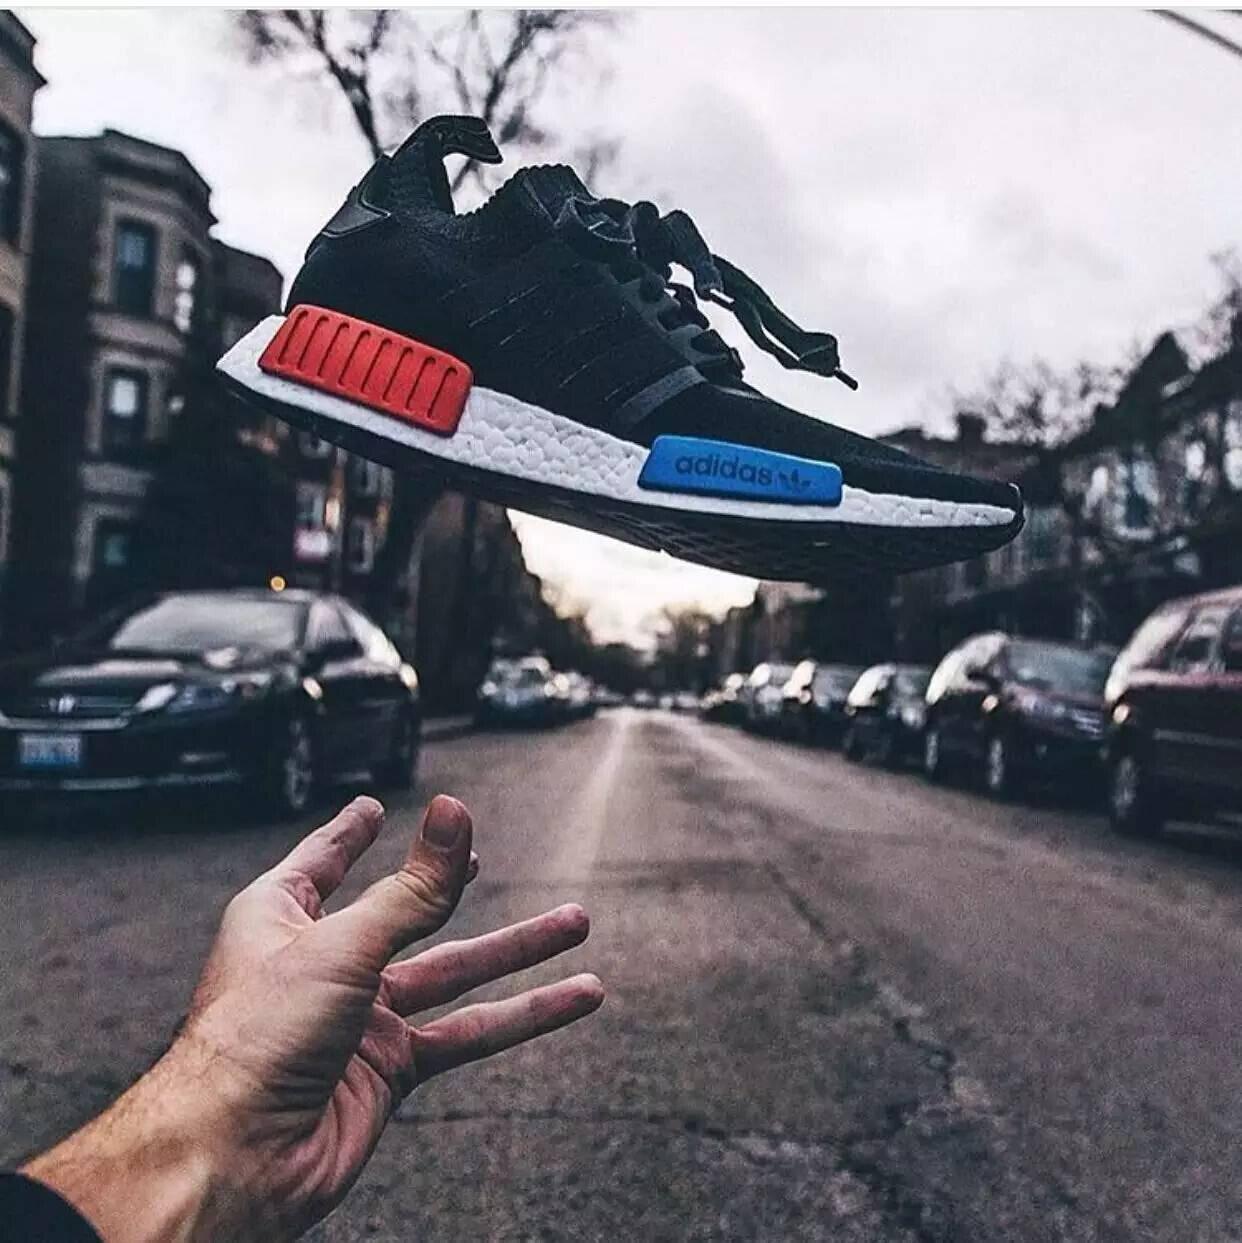 全世界都在搶的Adidas NMD!復古休閑運動鞋!